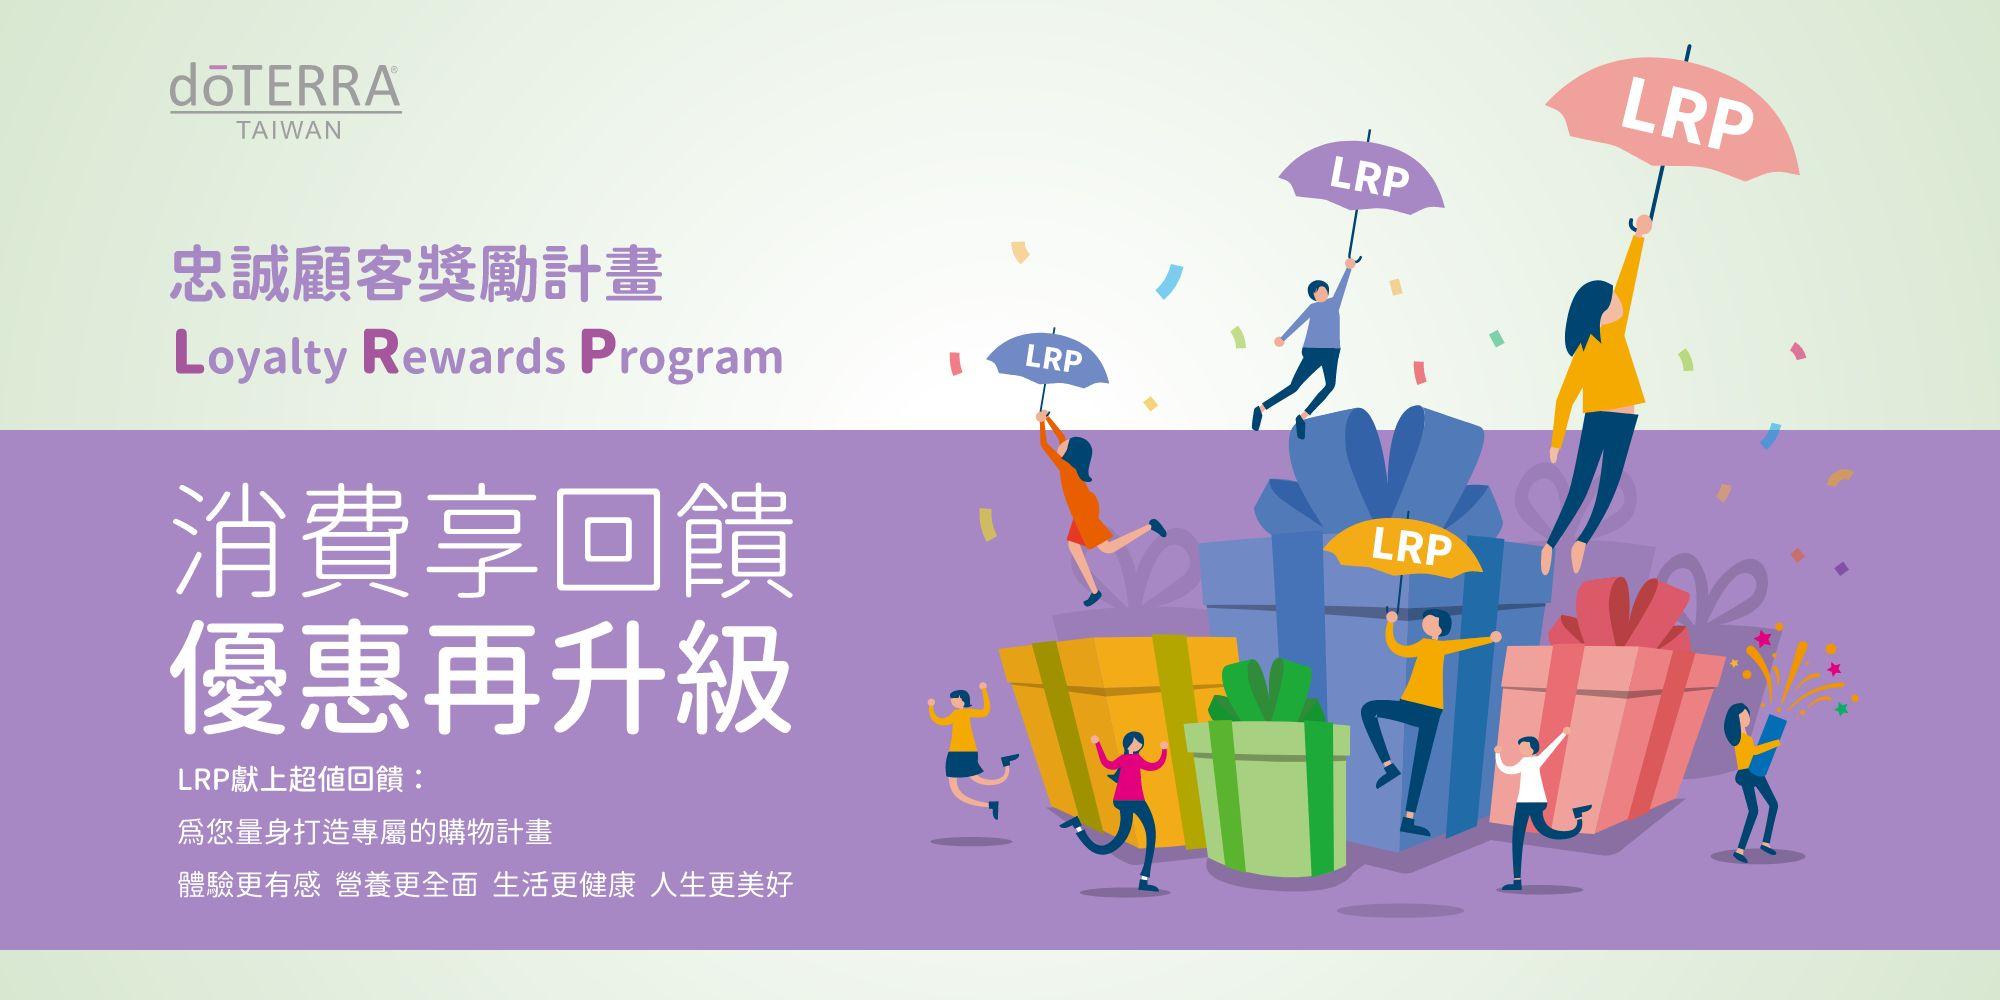 消費享回饋 優惠再升級,全新 LRP 優惠方案登場